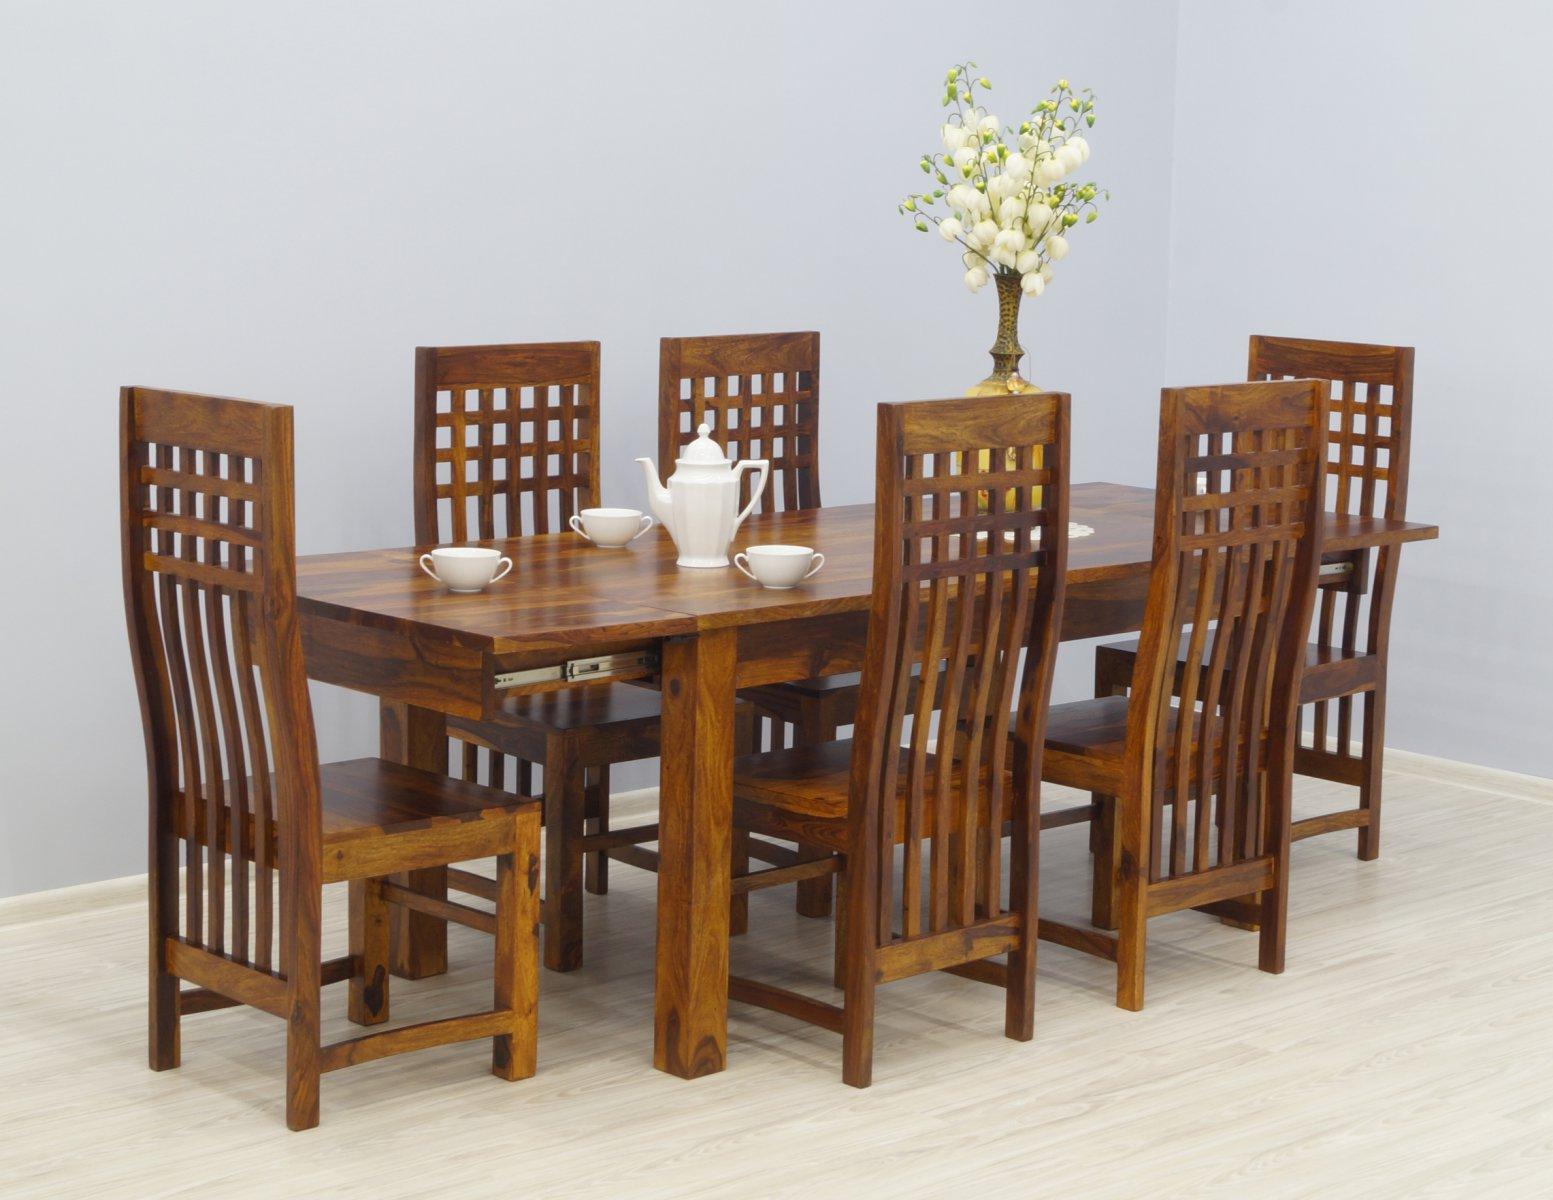 Komplet obiadowy kolonialny stół rozkładany + 6 krzeseł lite drewno palisander miodowy brąz nowoczesny